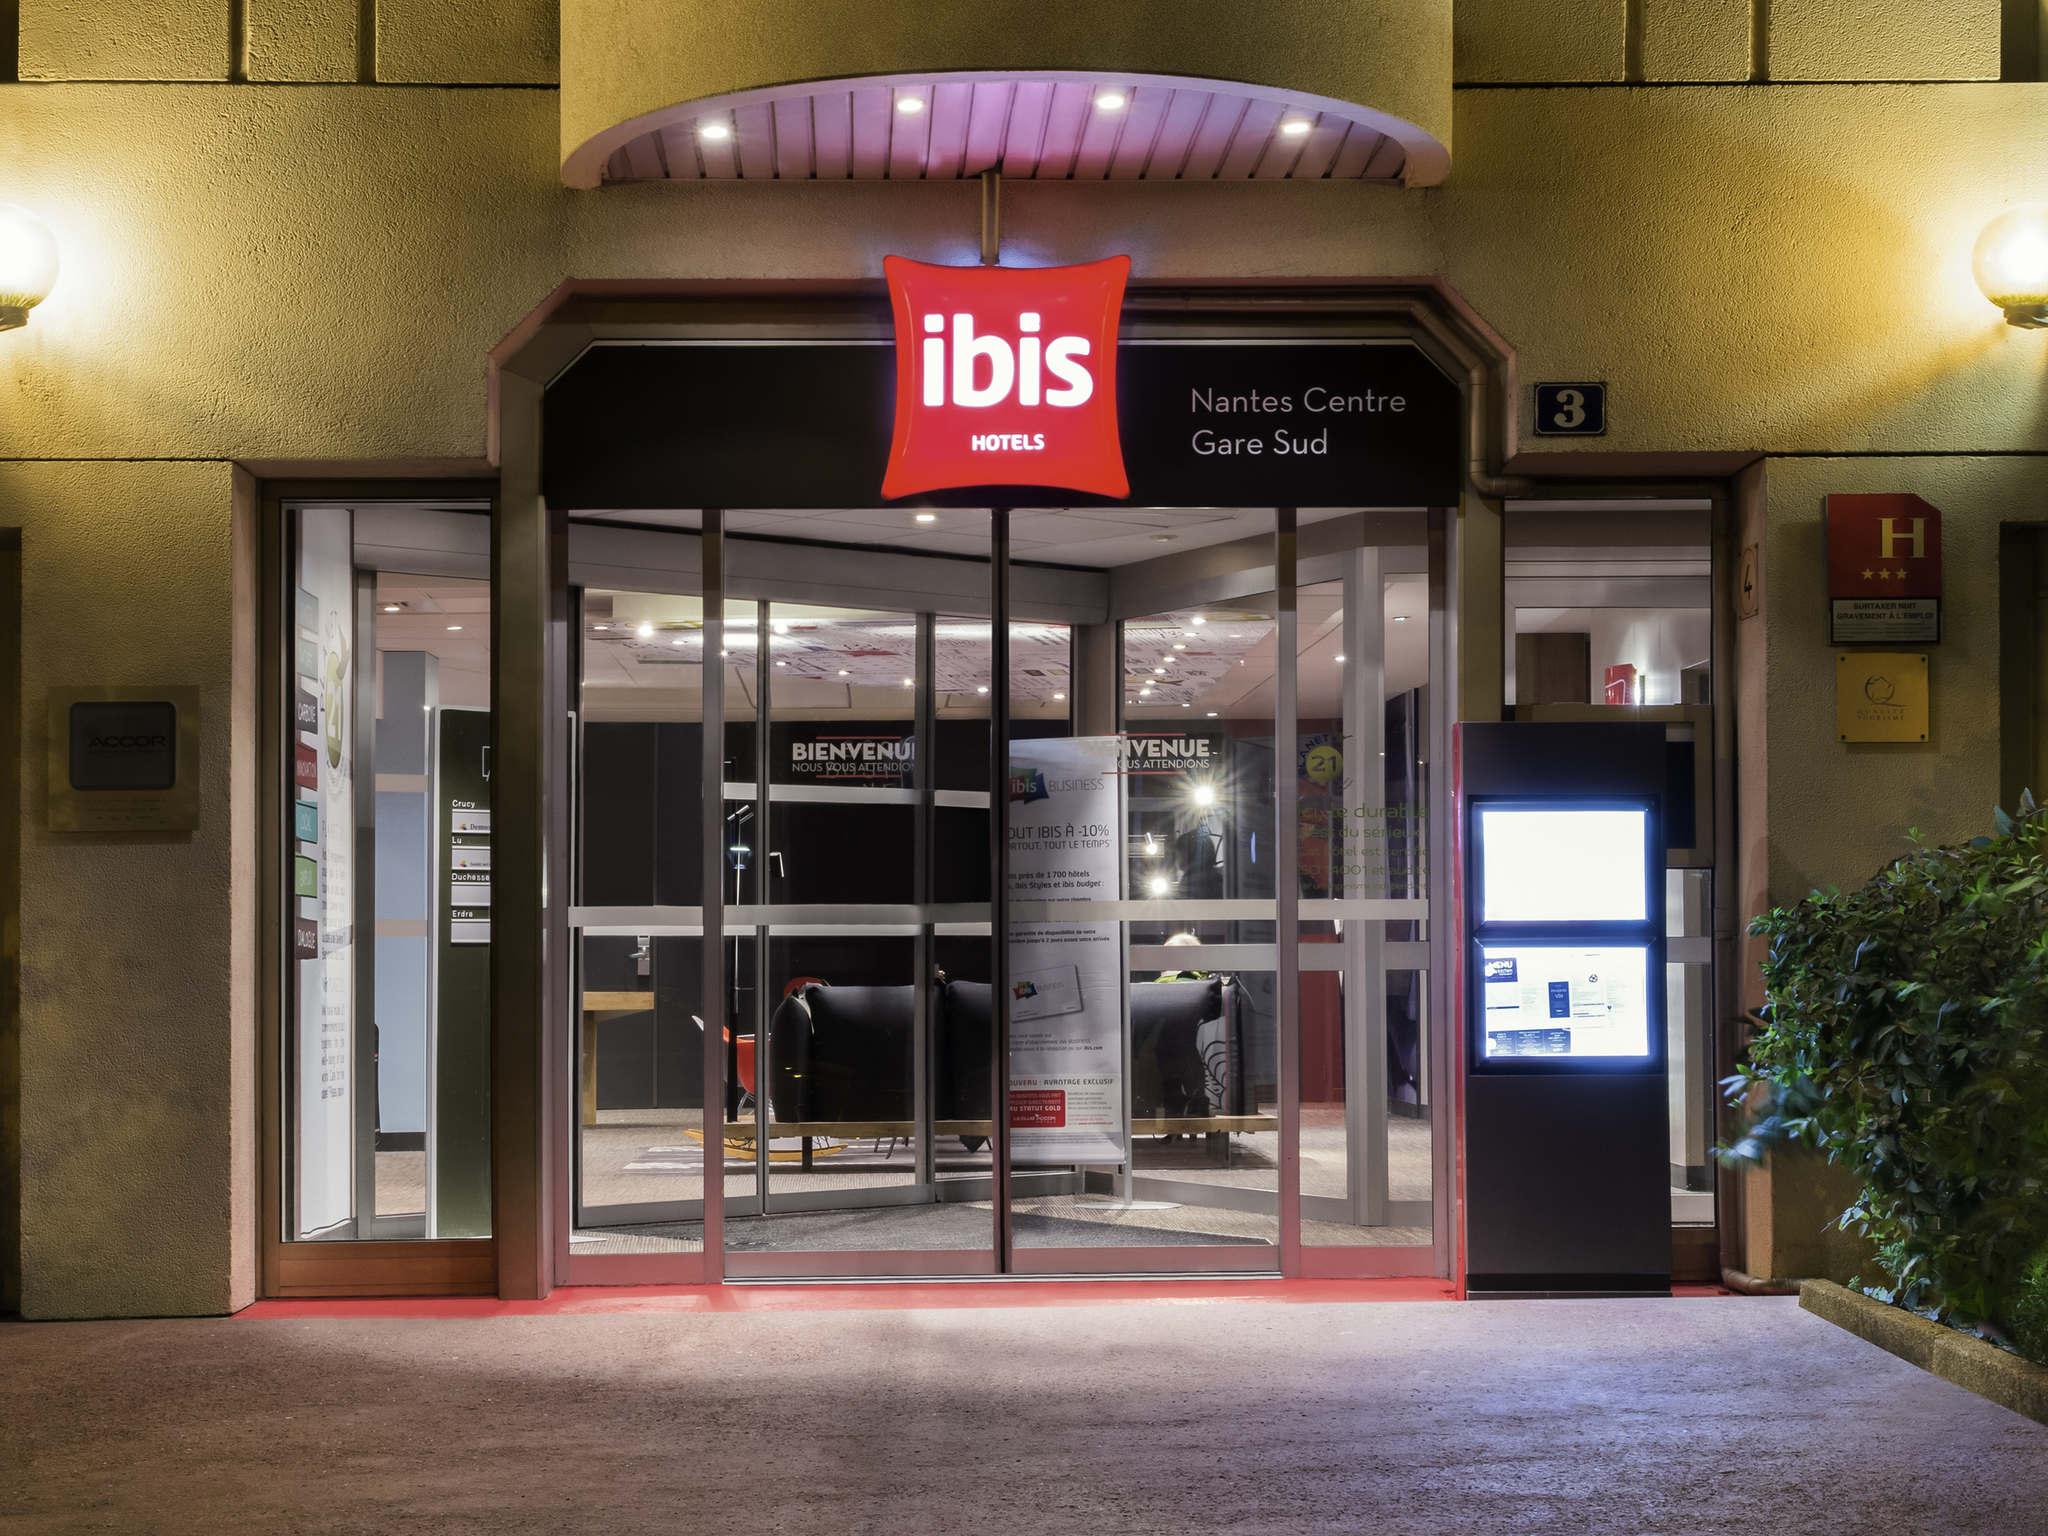 Hotel – ibis Nantes Centre Gare Sud